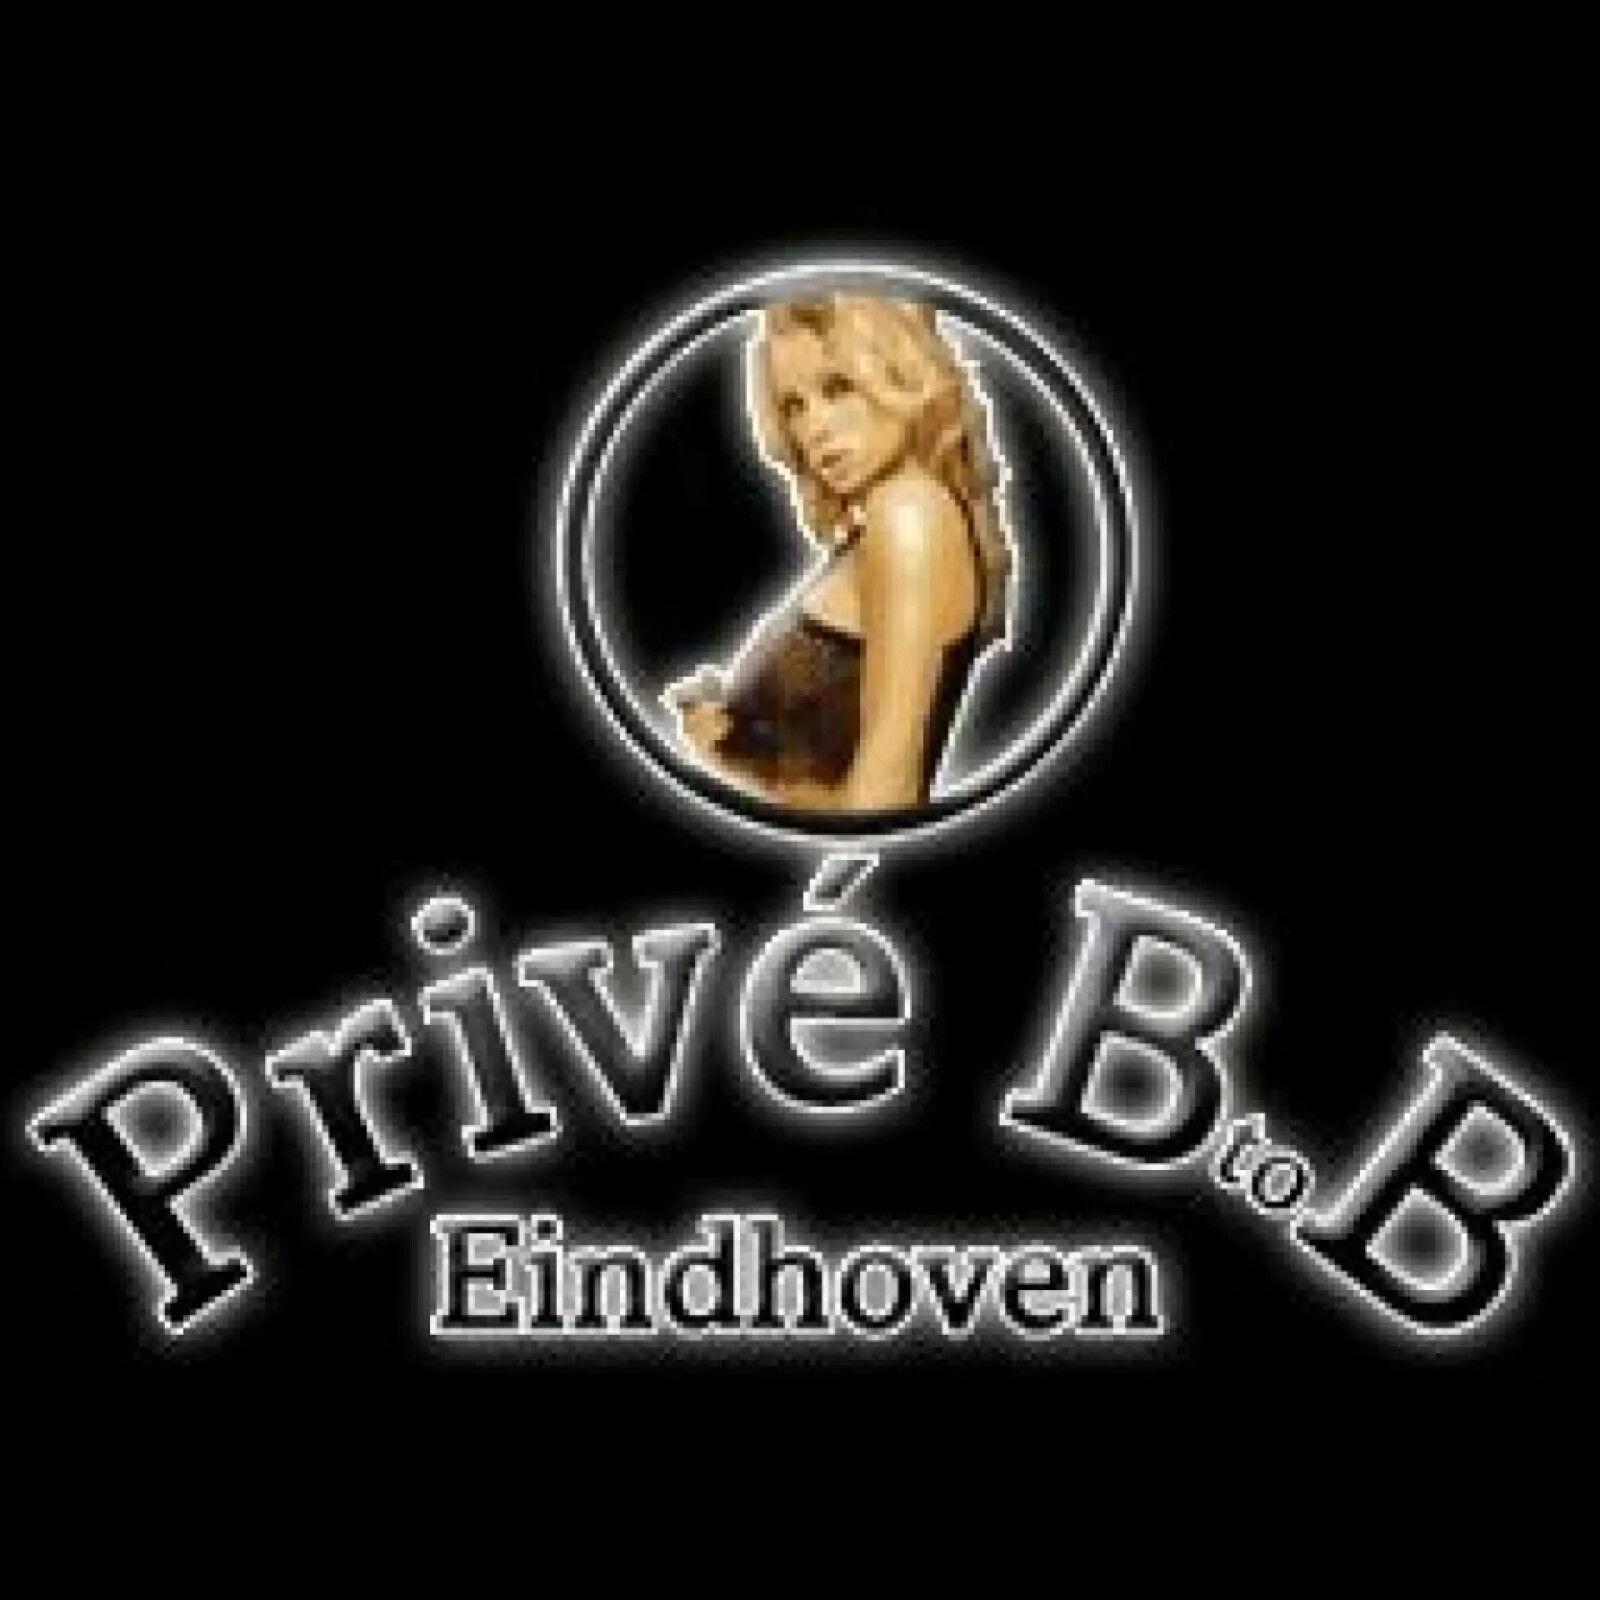 prive-bto-b-privsalon-body-to-body